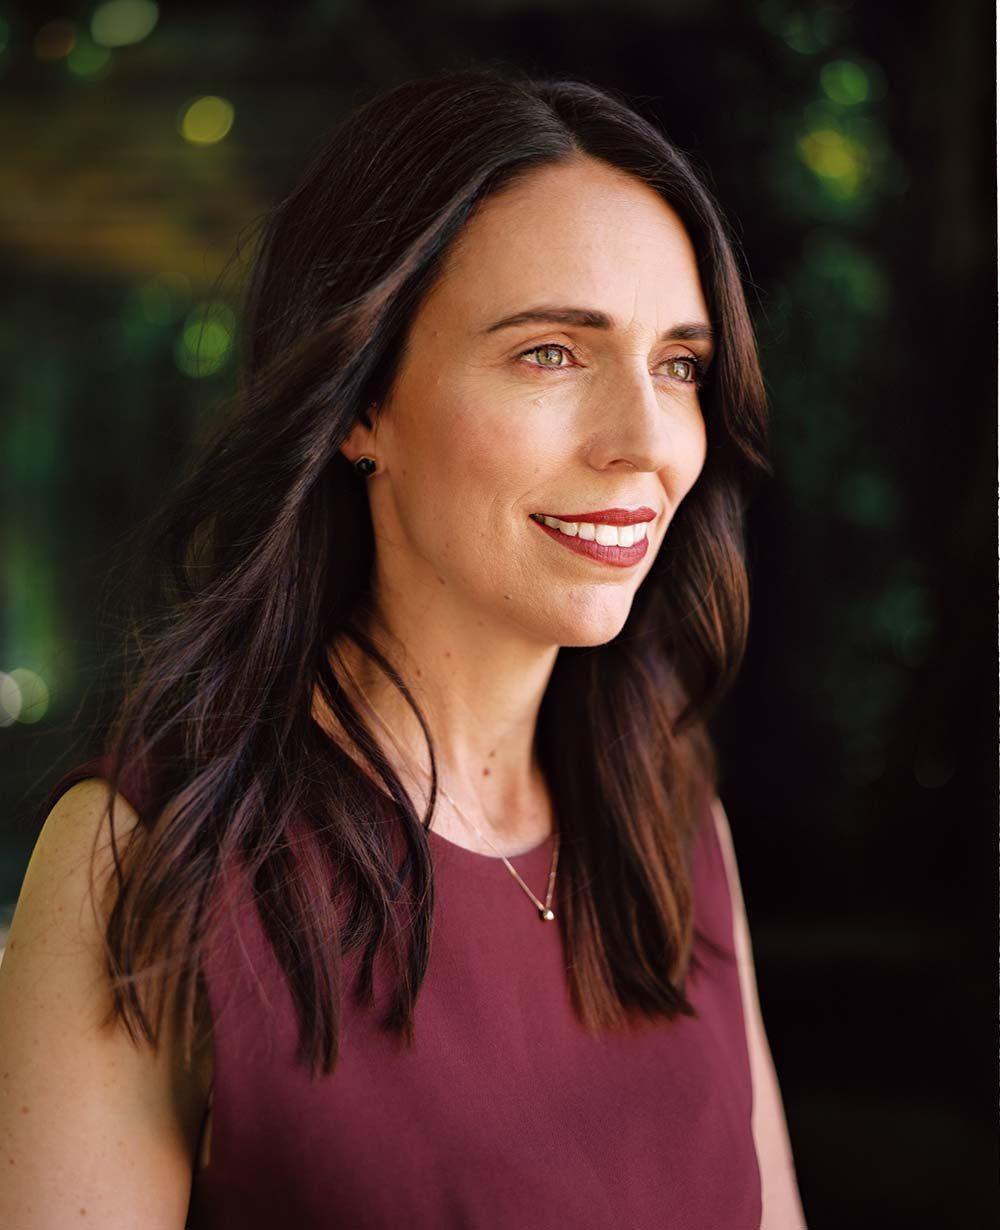 「我是自己最大的障碍。」雅辛达.阿尔登是新西兰总理。她是现代历史上第二位在任内生...